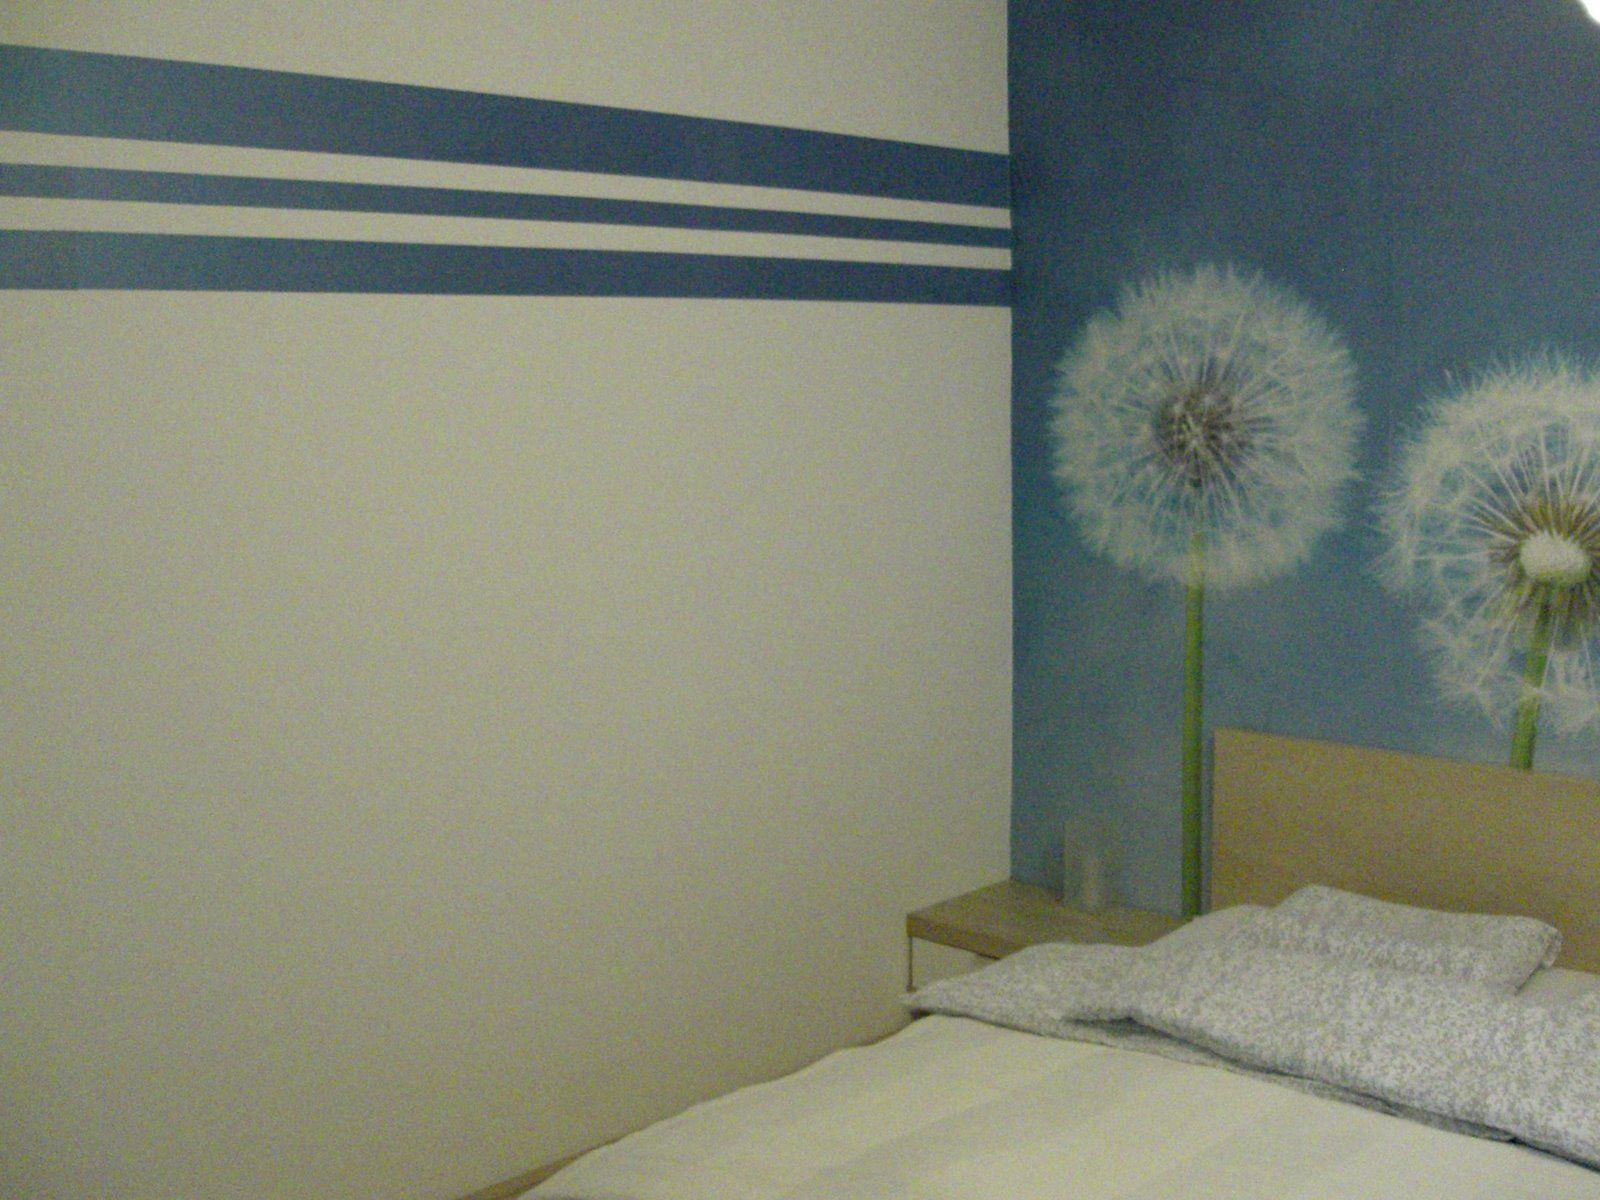 Streifen Wandgestaltung Beispiele Wandgestaltung Kinderzimmer Streichen Kinderzimmer Wand